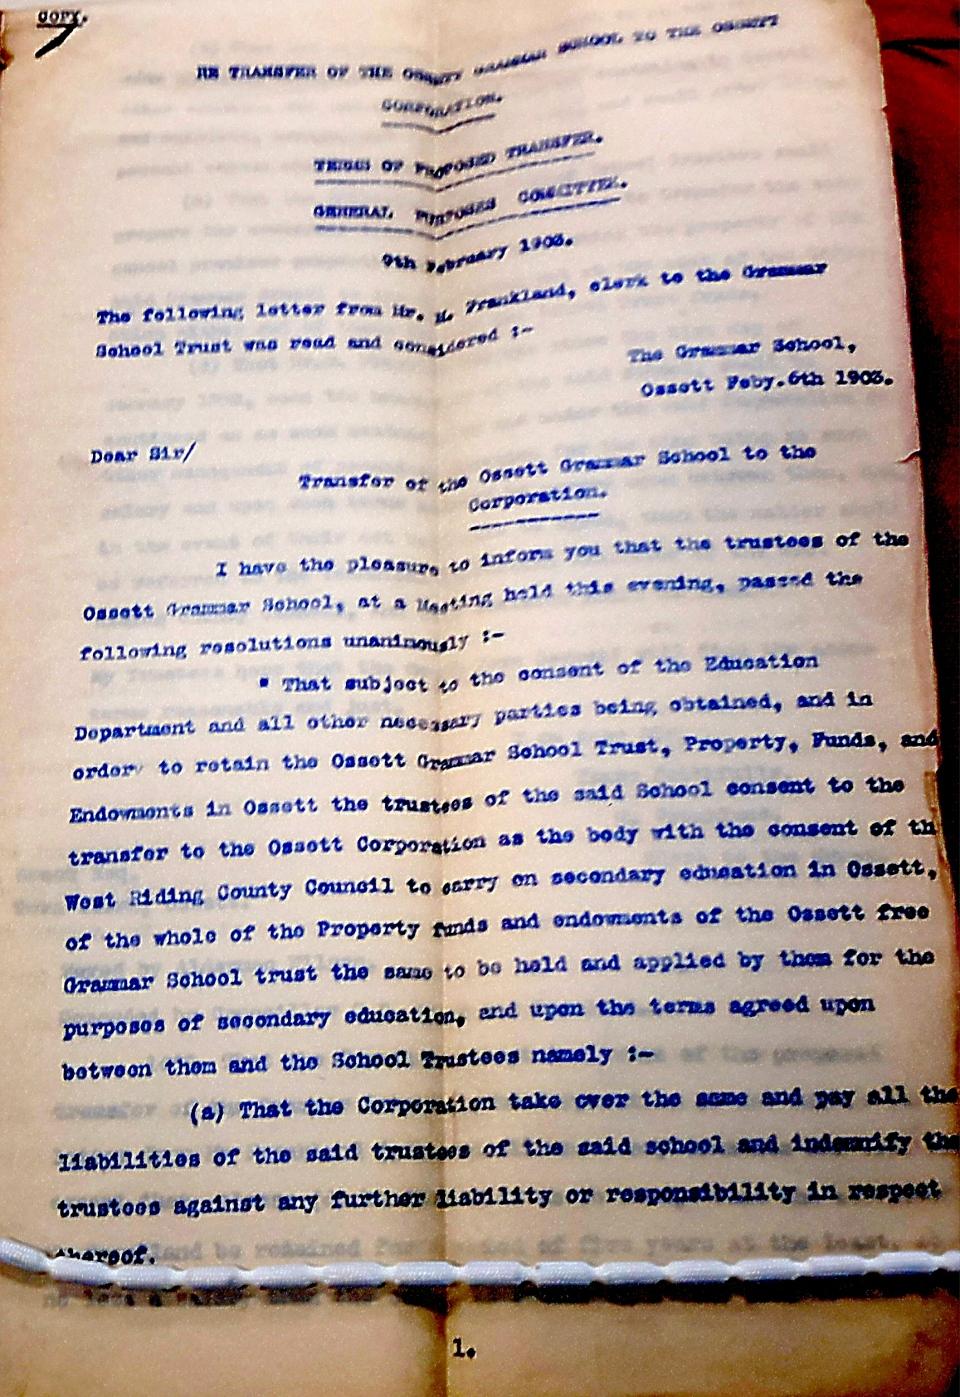 OGS Transfer letter 11.45.49